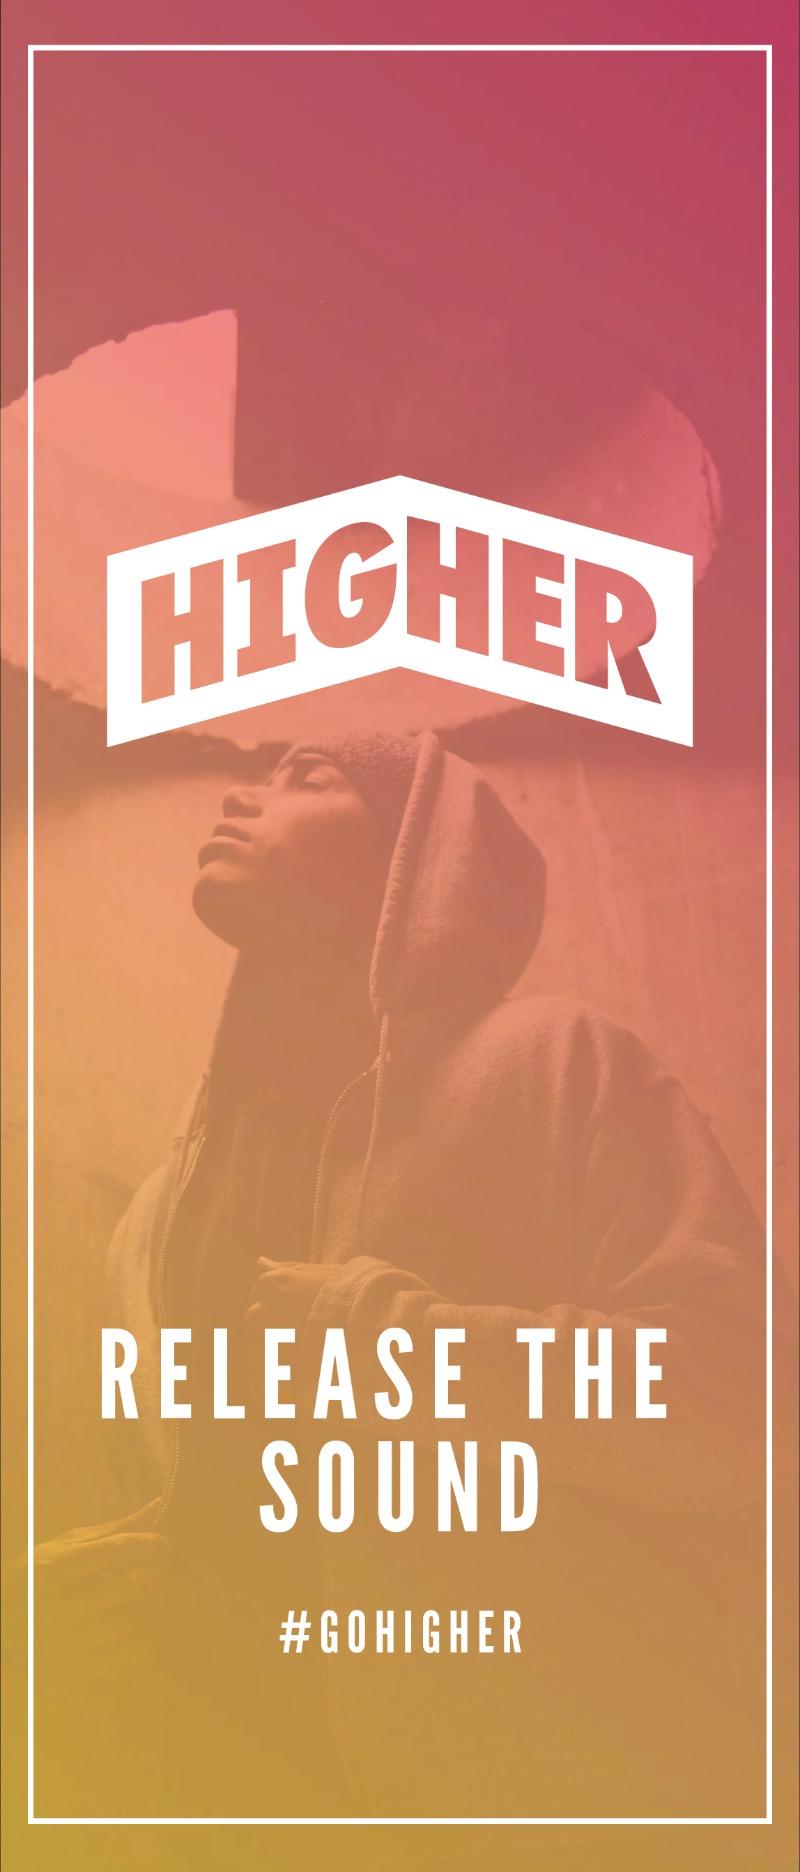 Higher Banenr Image for Web-06-06-06.jpg